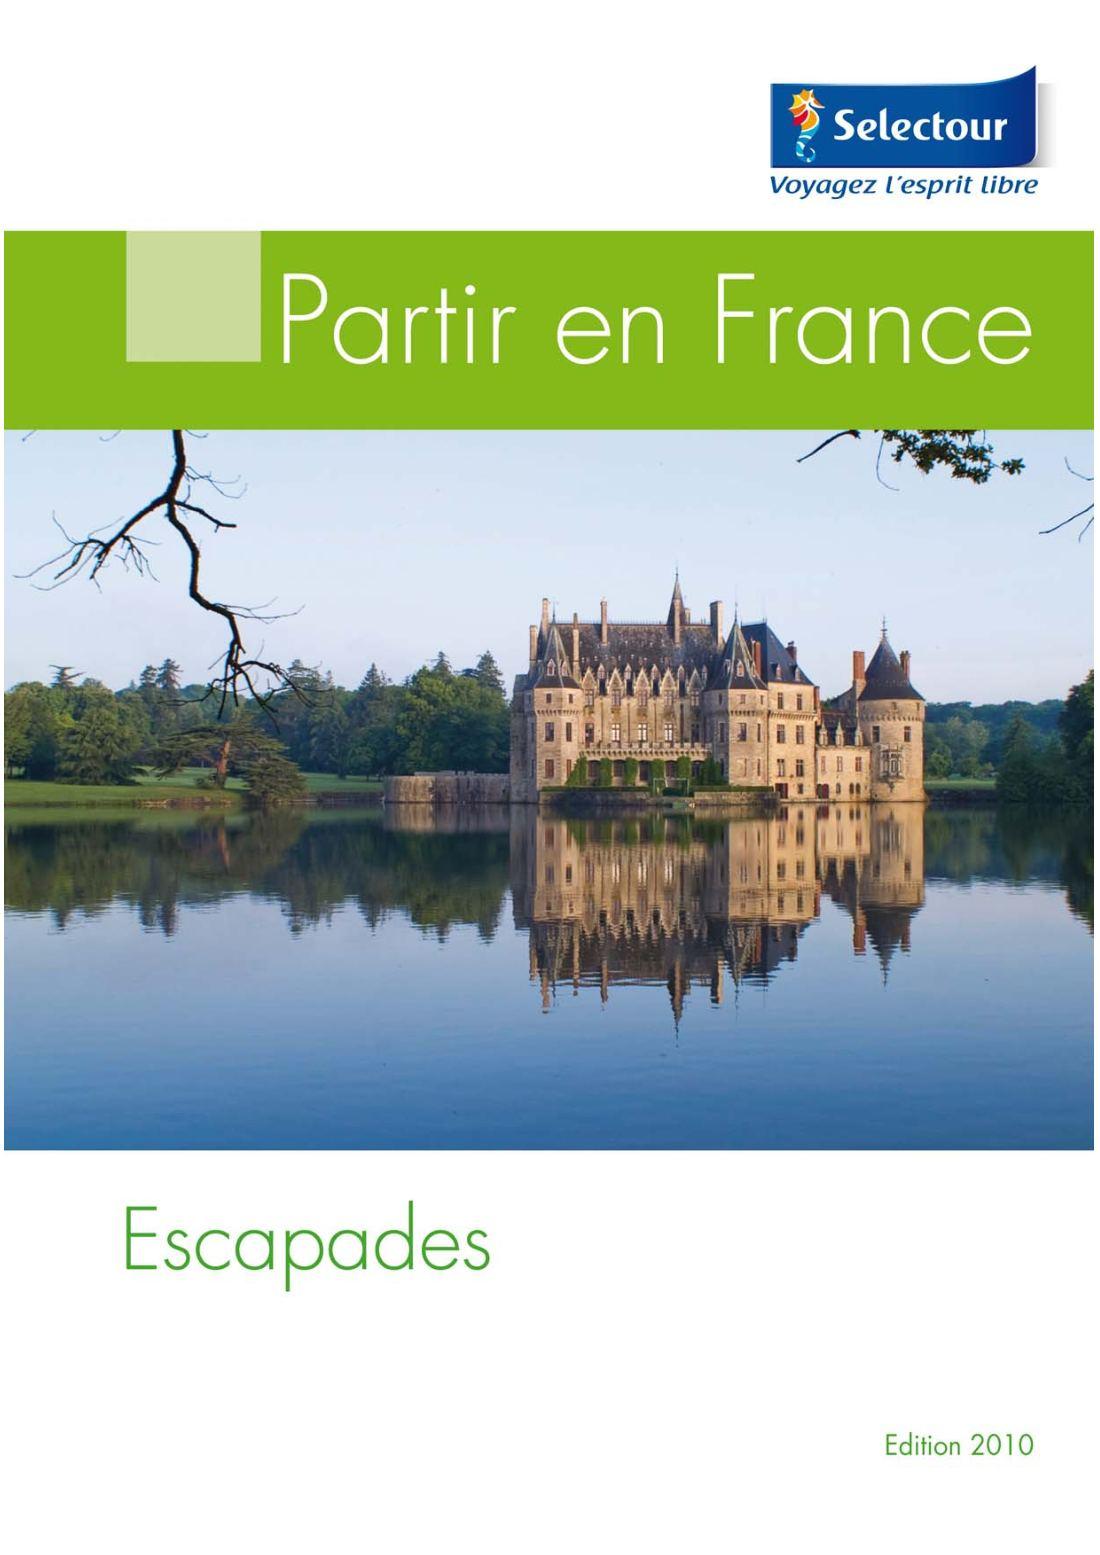 9e619de7266d77 Calaméo - Brochure Escapades 2009-2010 - Sélectour